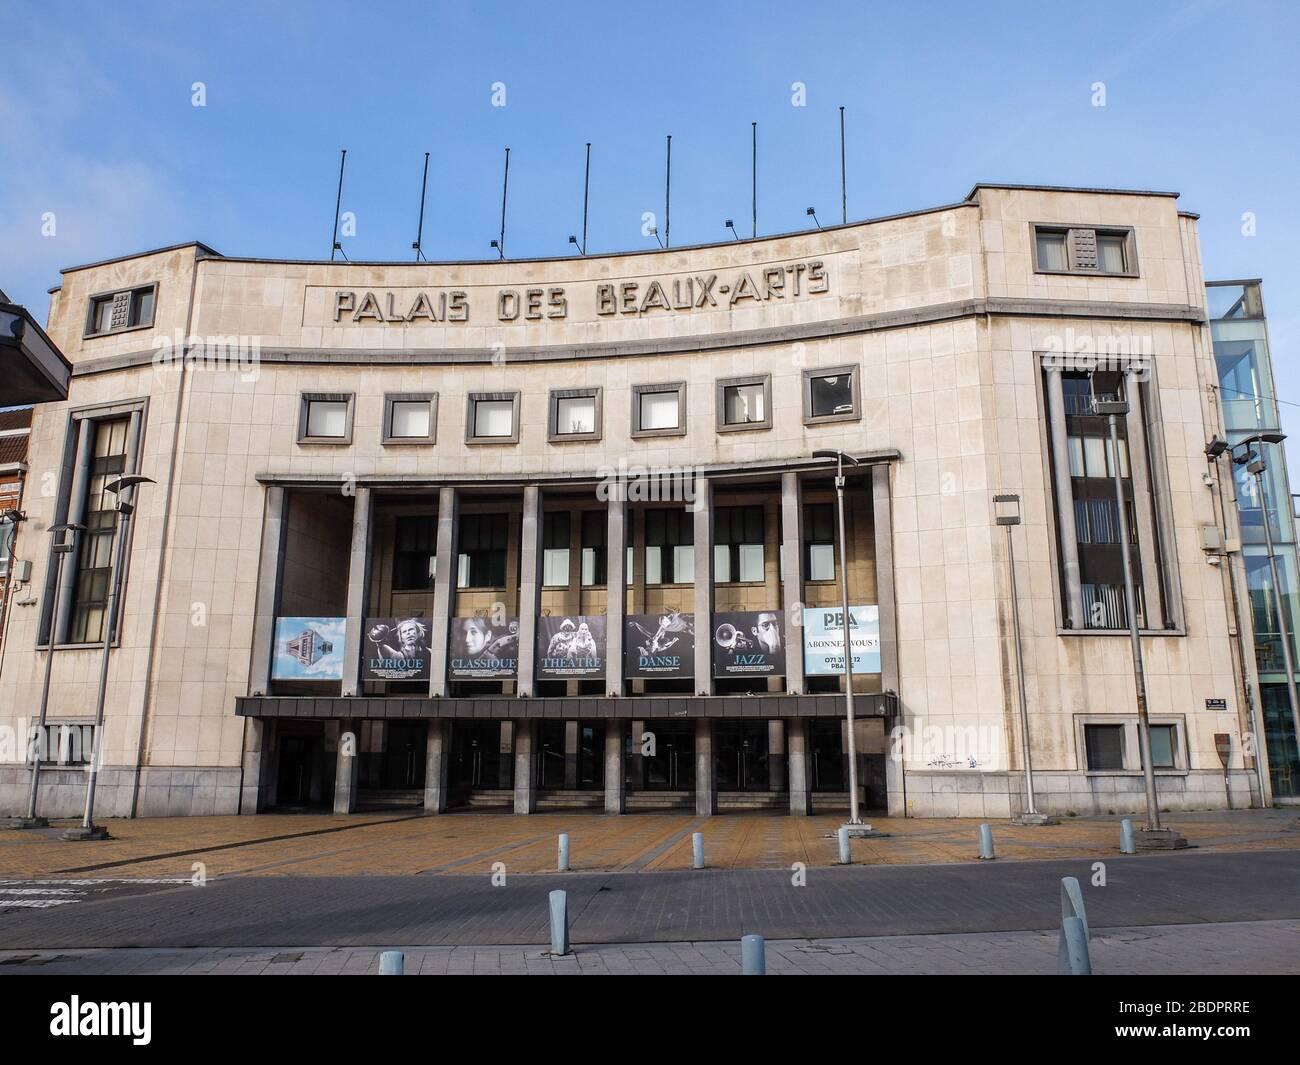 le Palais des Beaux-Arts de Charleroi, salle de spectacle et musée. Architecte Joseph André, Place du Manège in Charleroi, Belgium Stock Photo